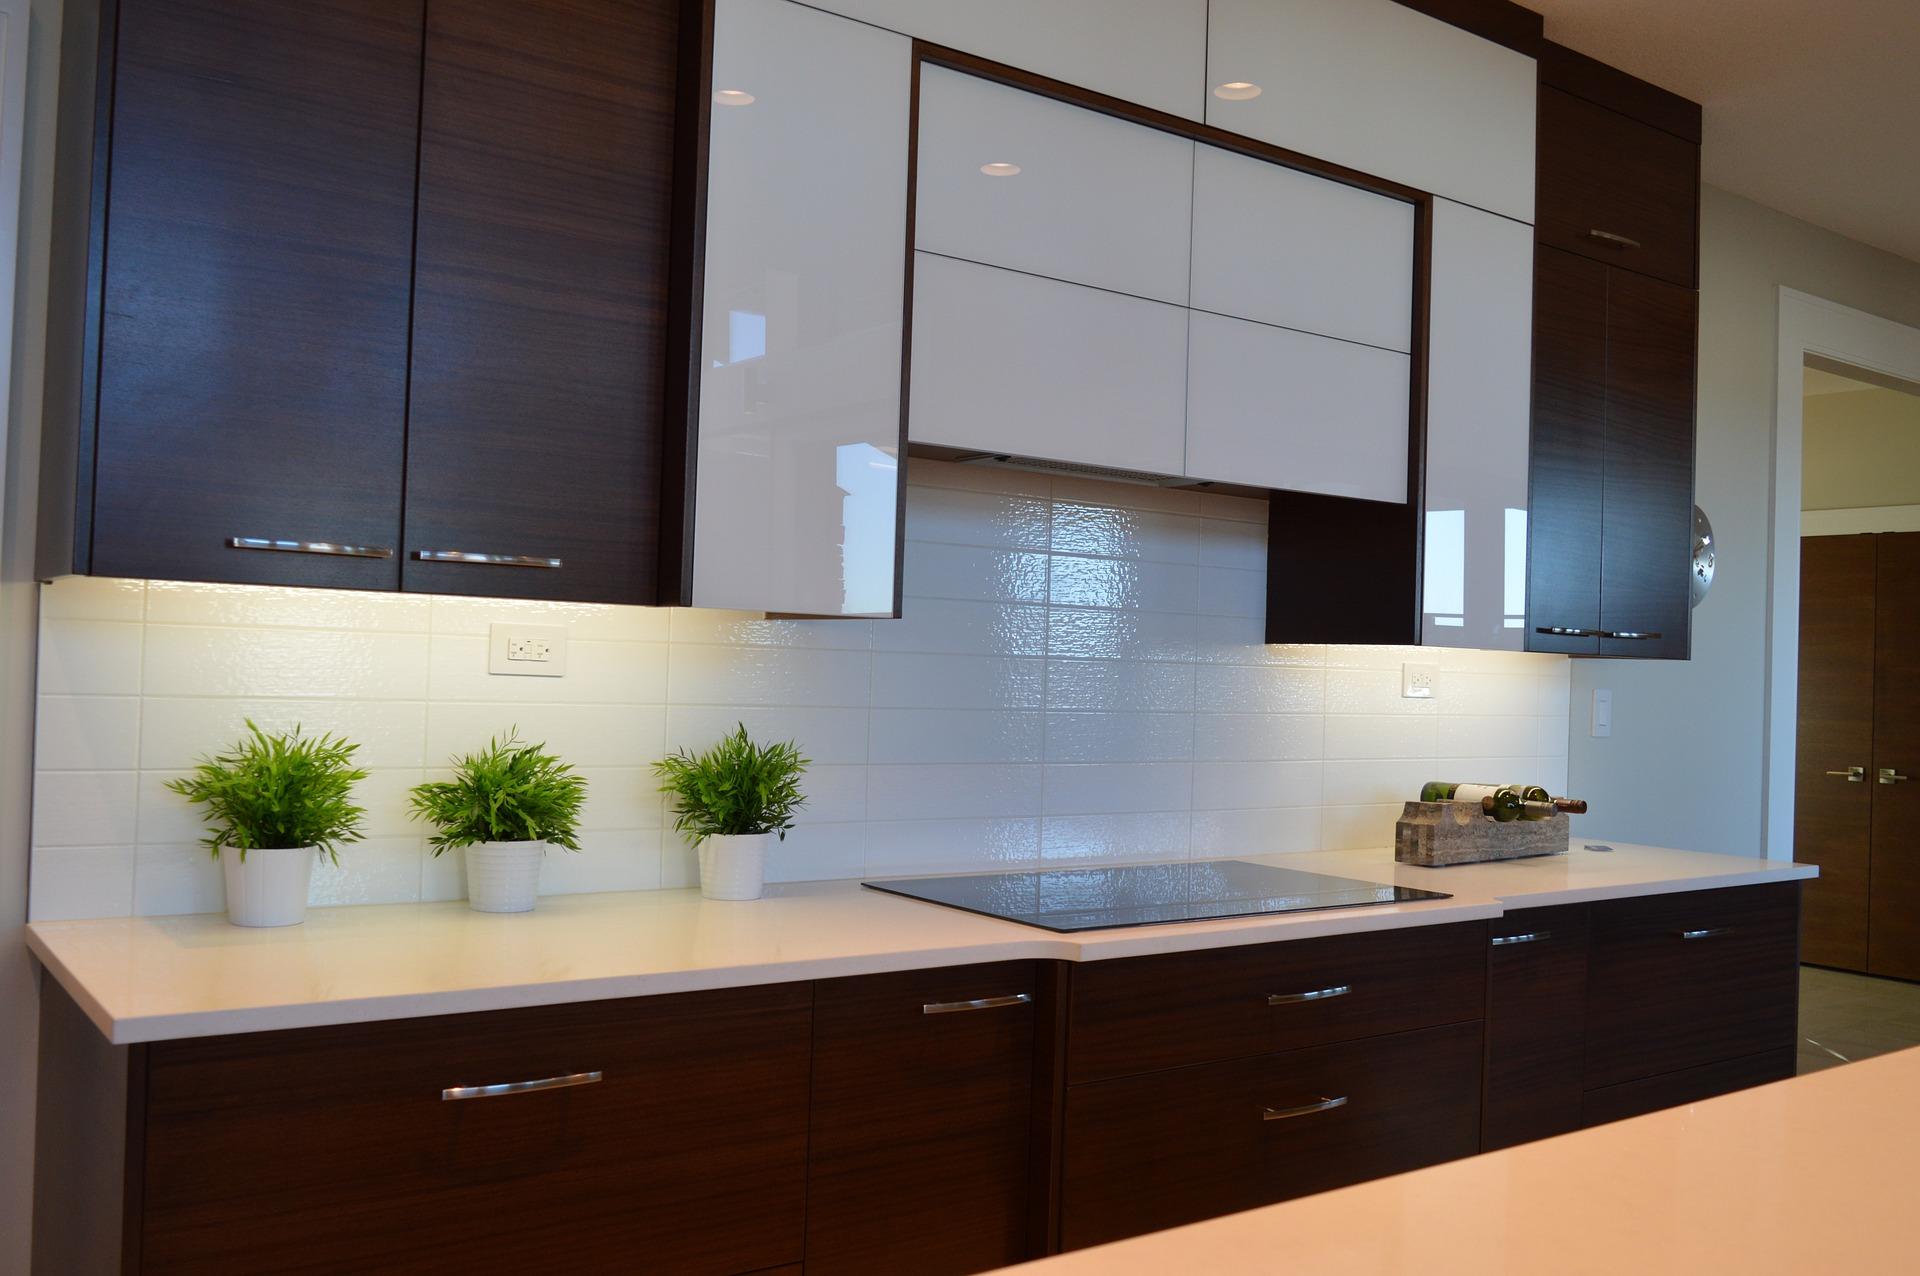 kitchen-1078864_1920.jpg